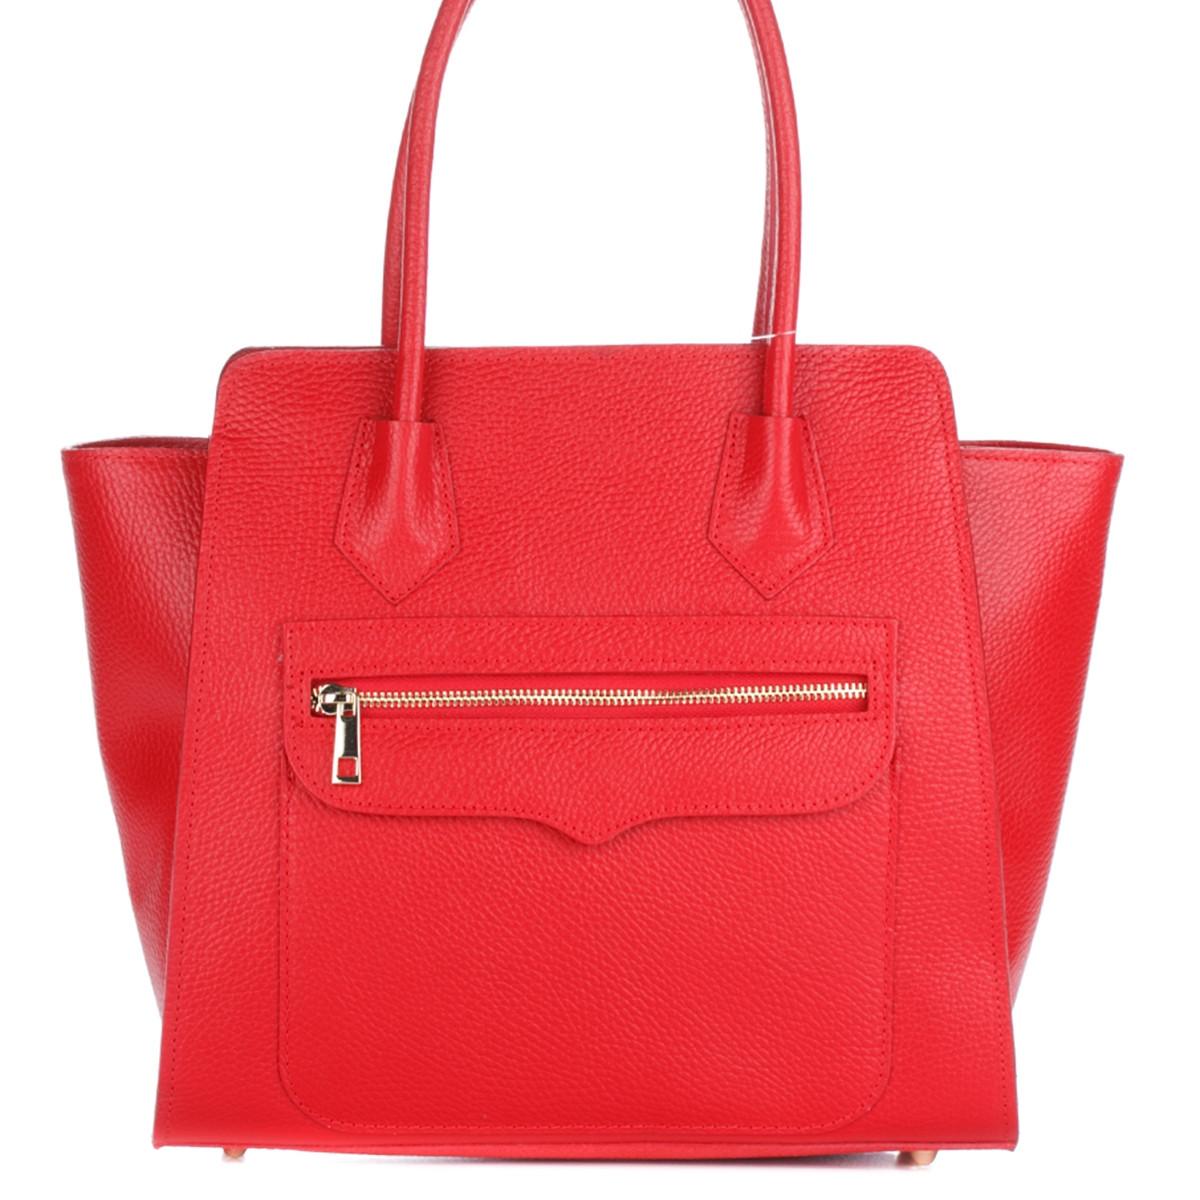 Женская кожаная сумка 1895 красного цвета Италия